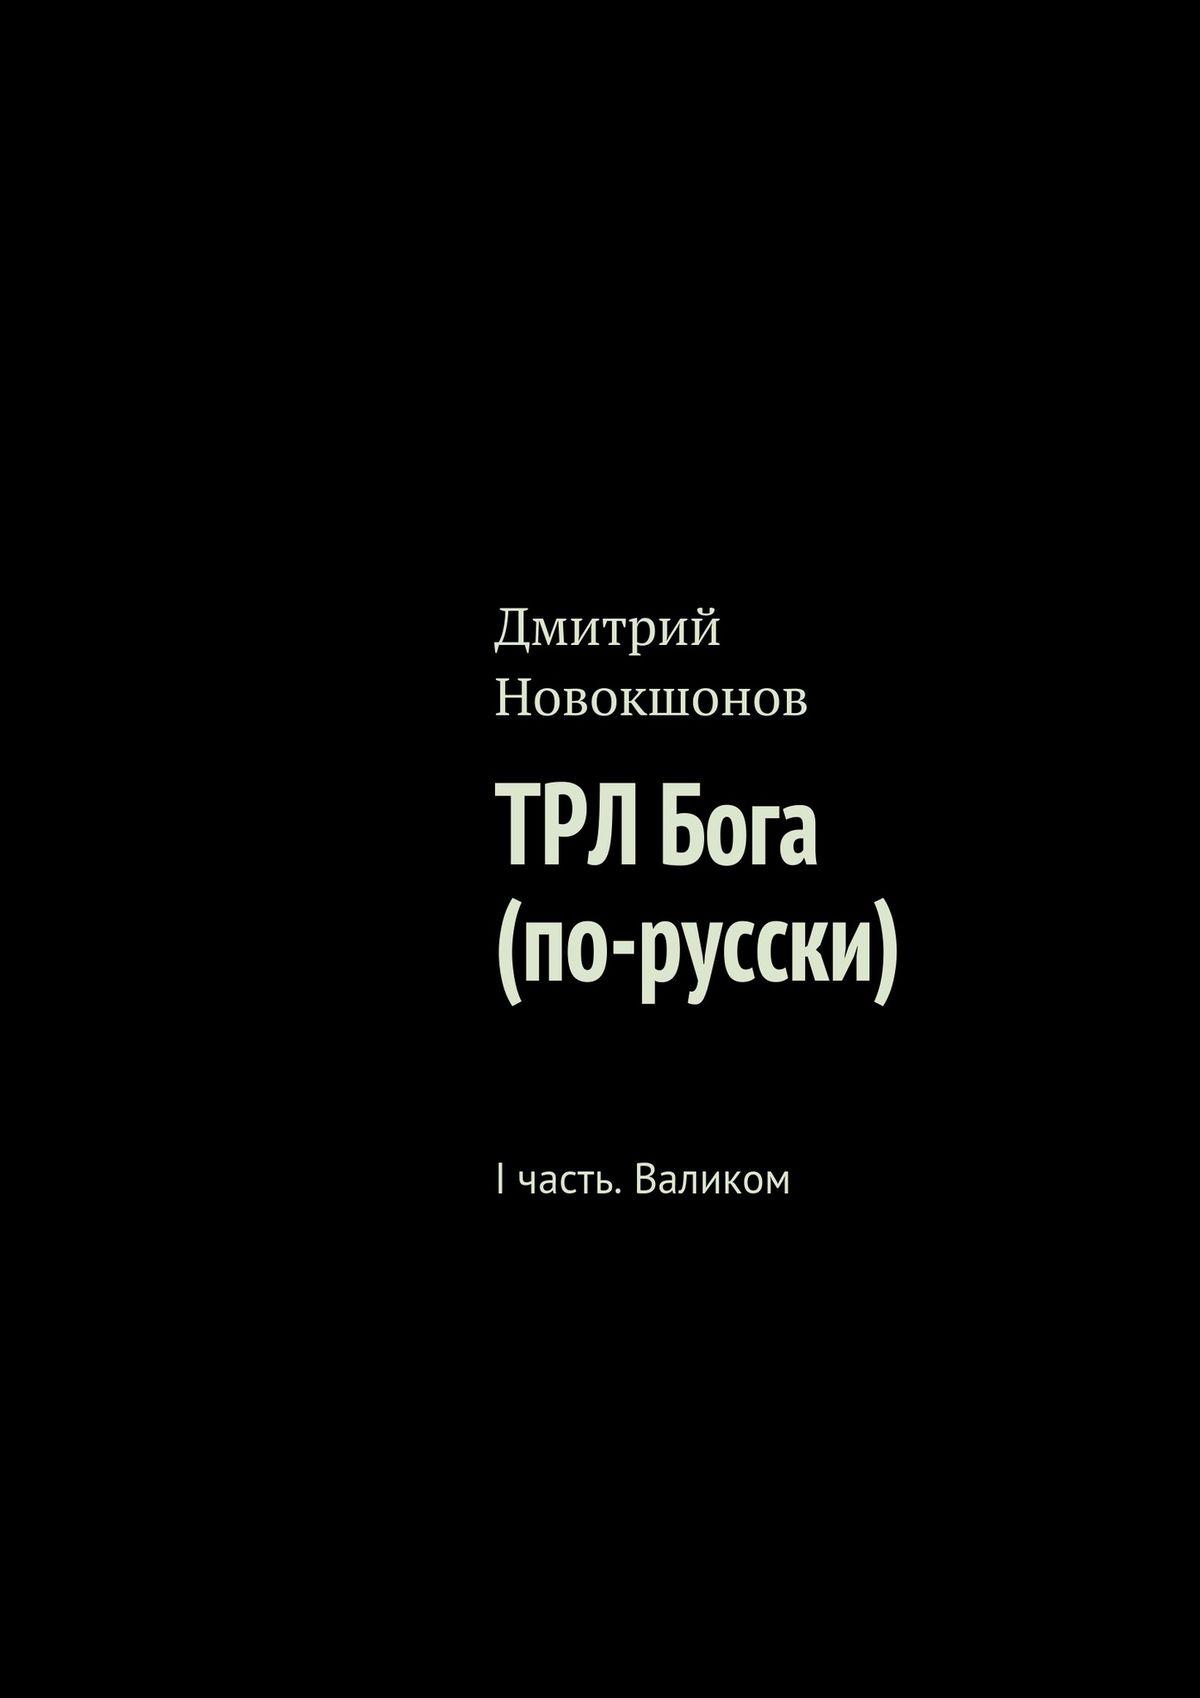 Дмитрий Новокшонов ТРЛ Бога (по-русски). Iчасть. Валиком дмитрий левочский режимбога